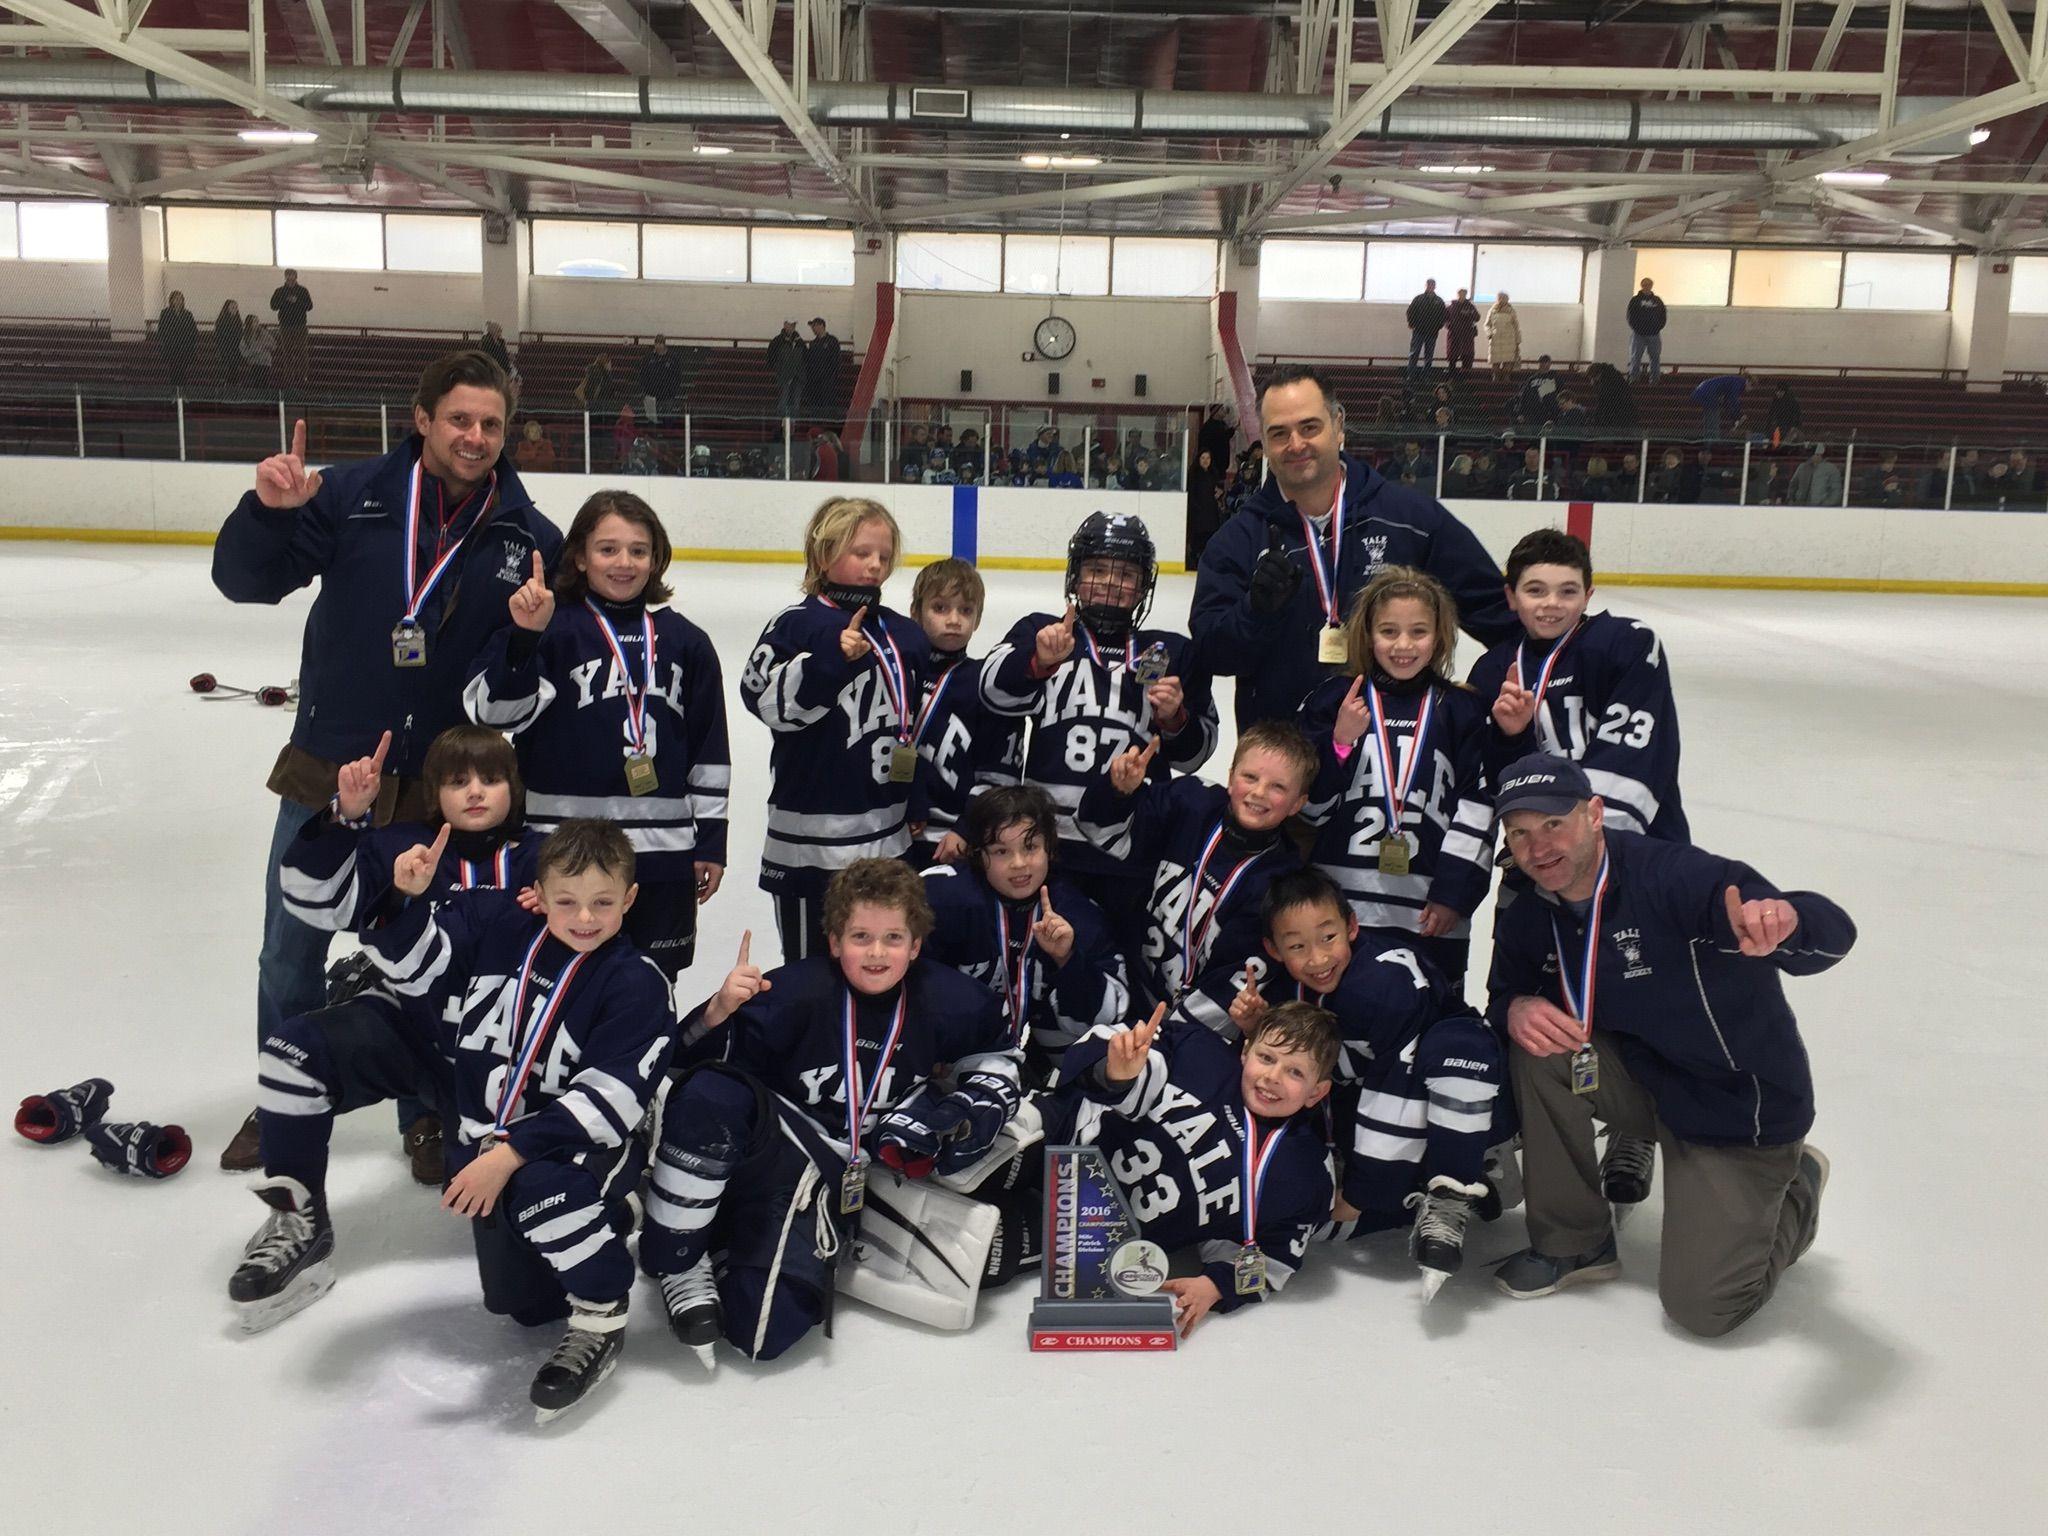 26 Beliebte Überraschend, Mission, Jugend Hockey Skates Wird